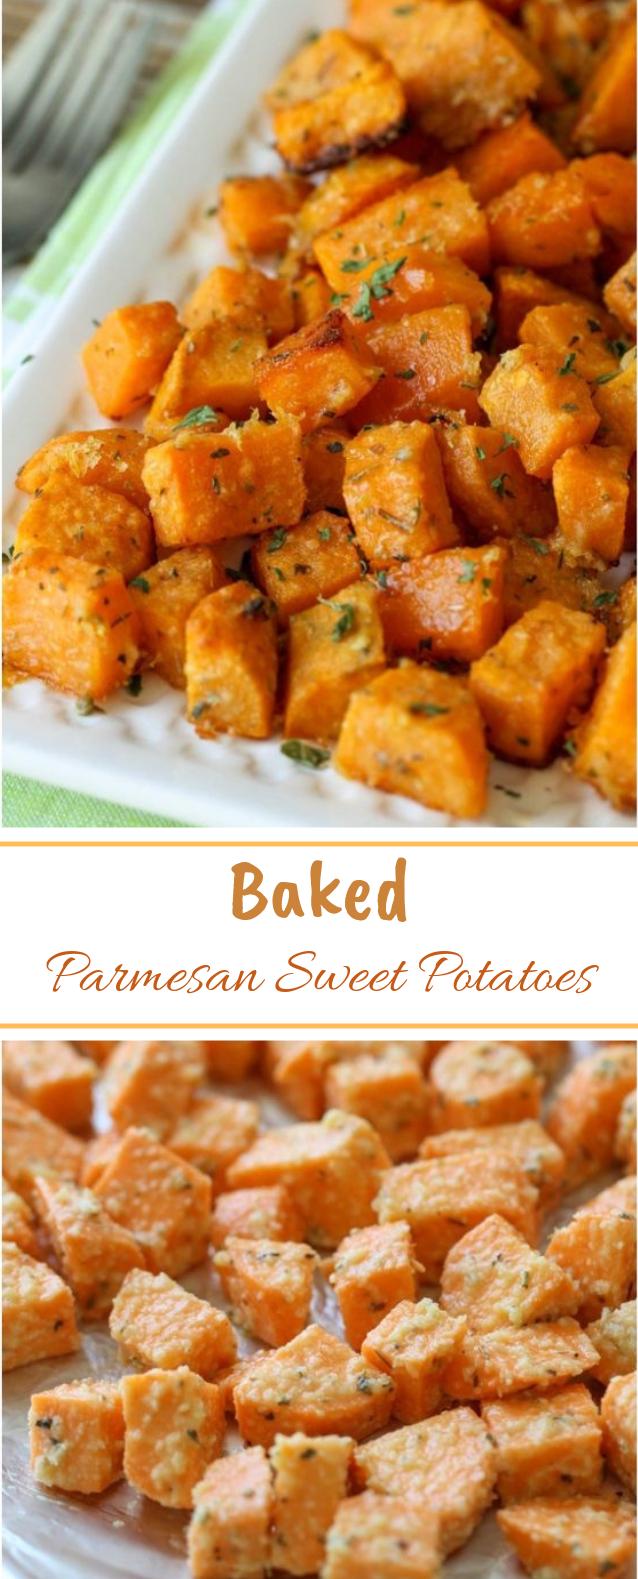 Baked Parmesan Sweet Potatoes #sidedish #vegetarian